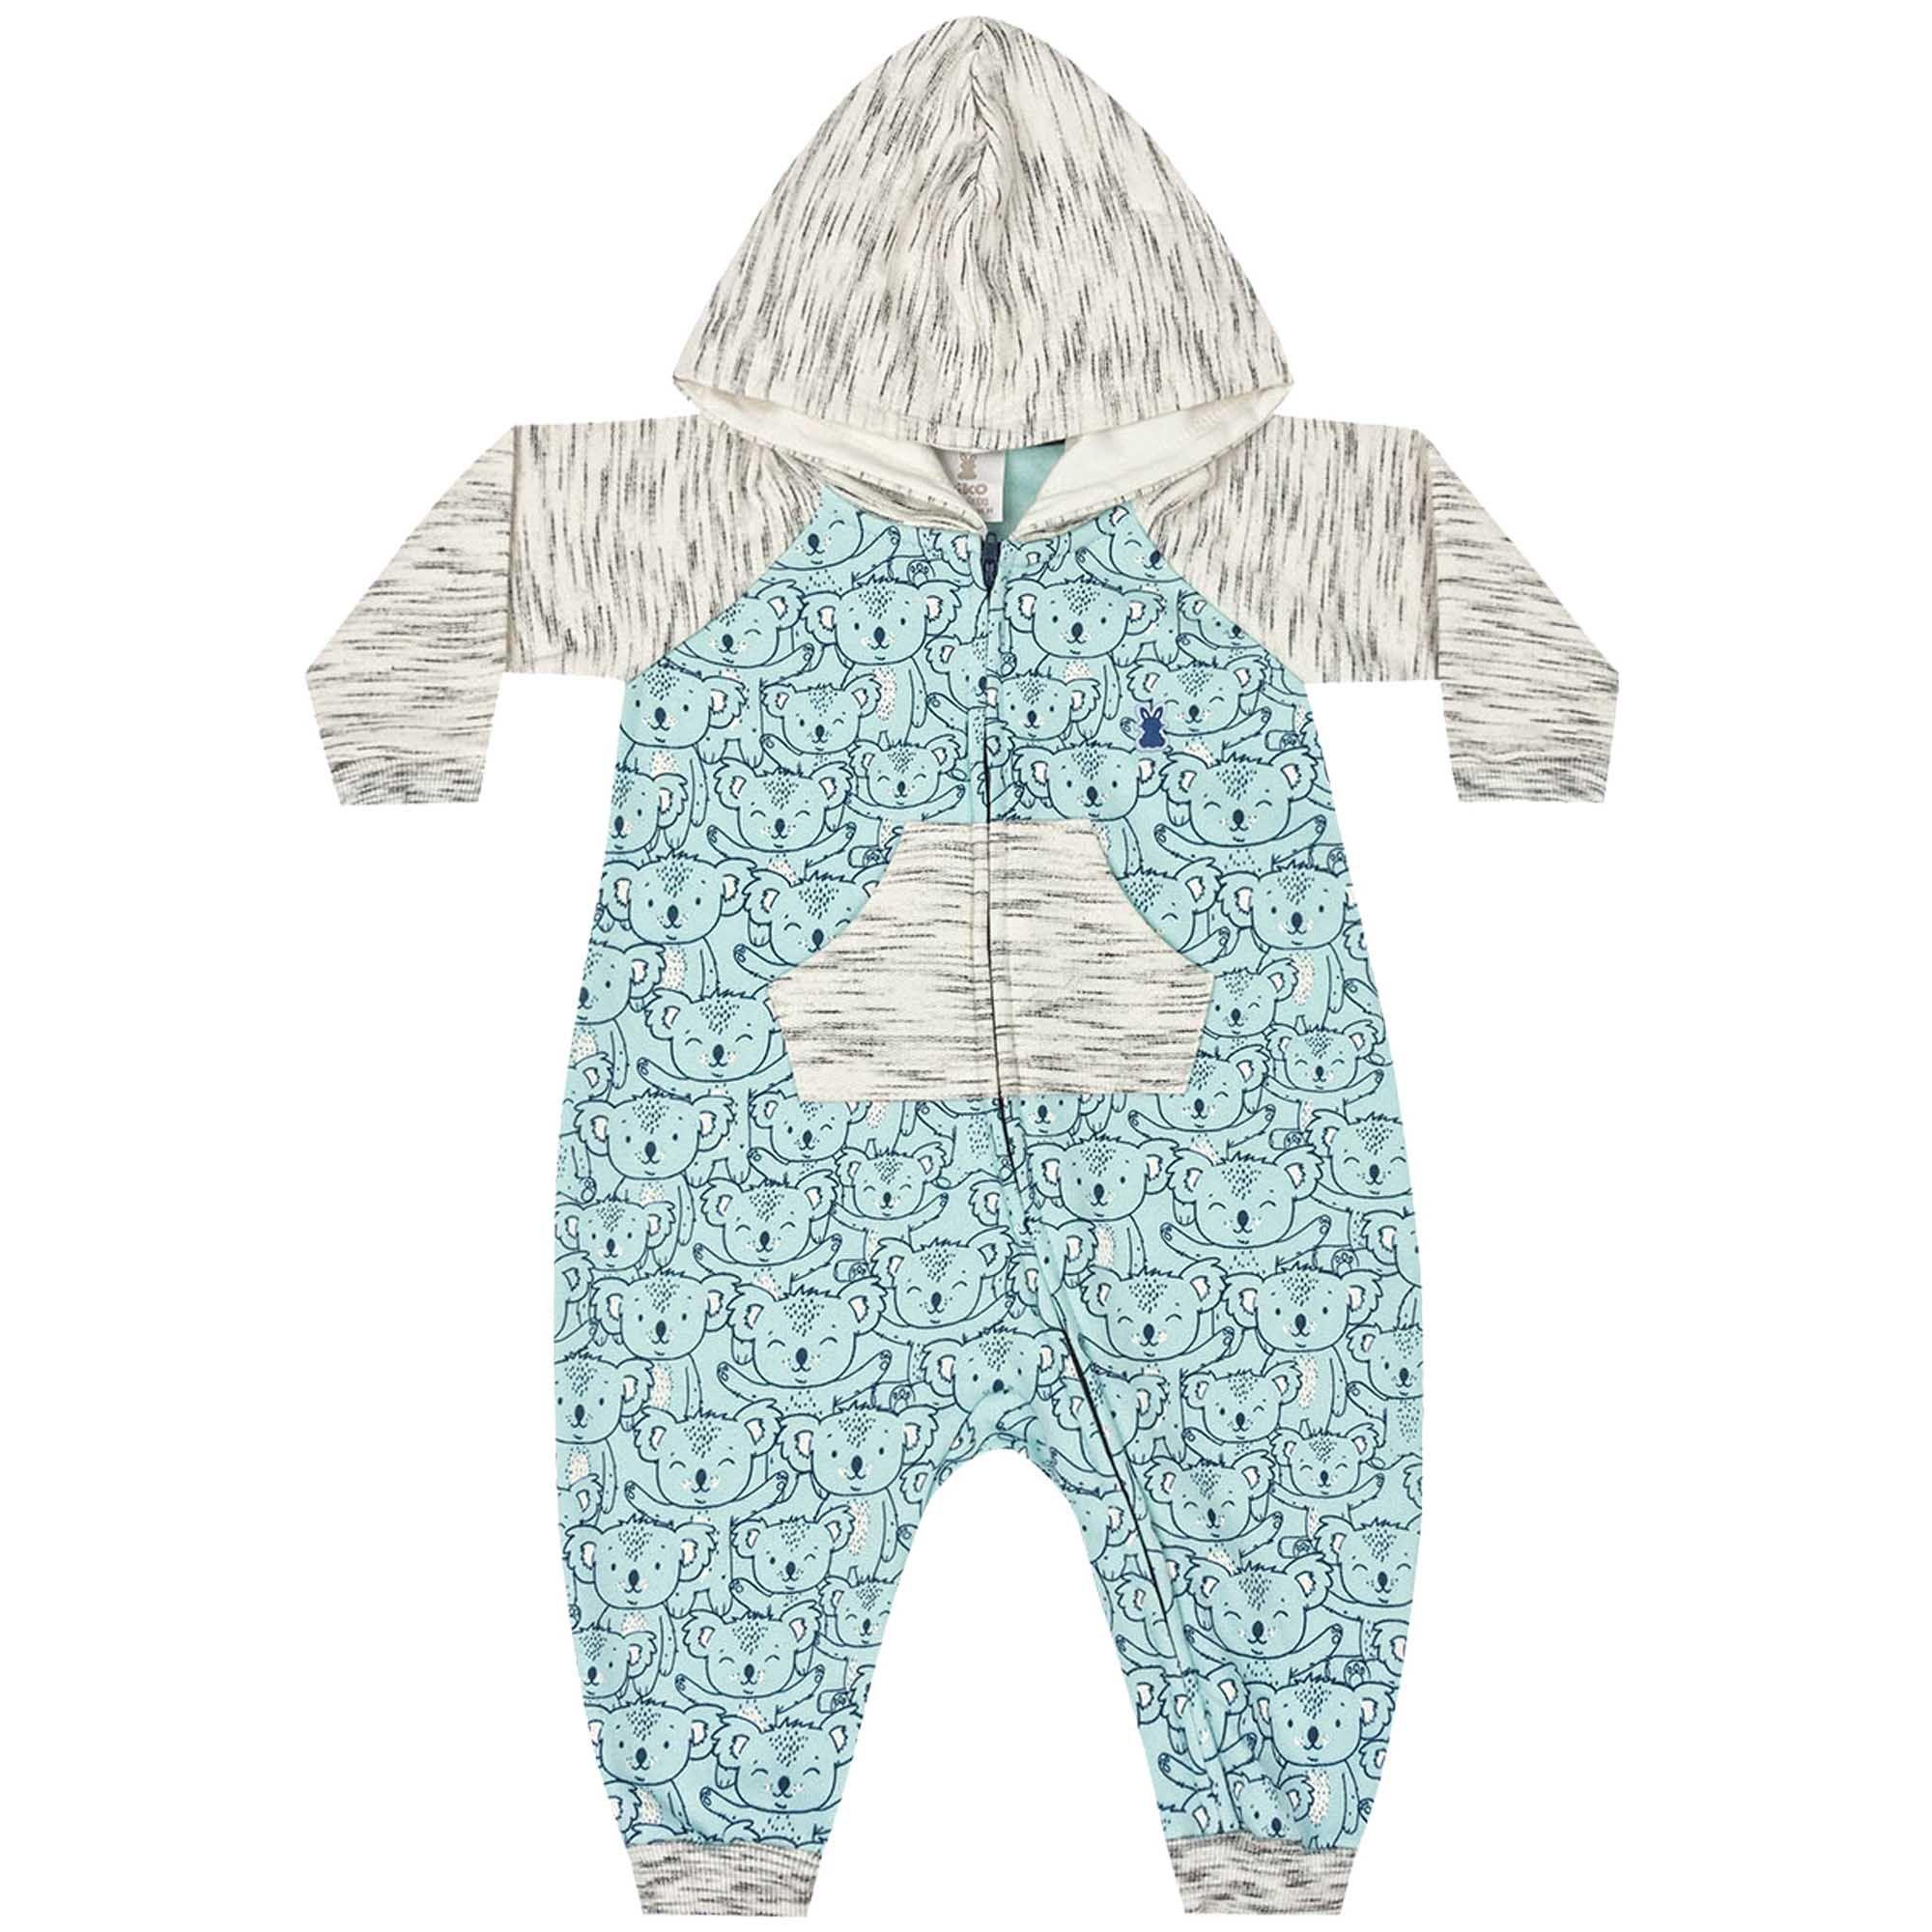 Macacão Inverno Moletom Kiko Baby Estampa Coalas com Capuz - RN ao G